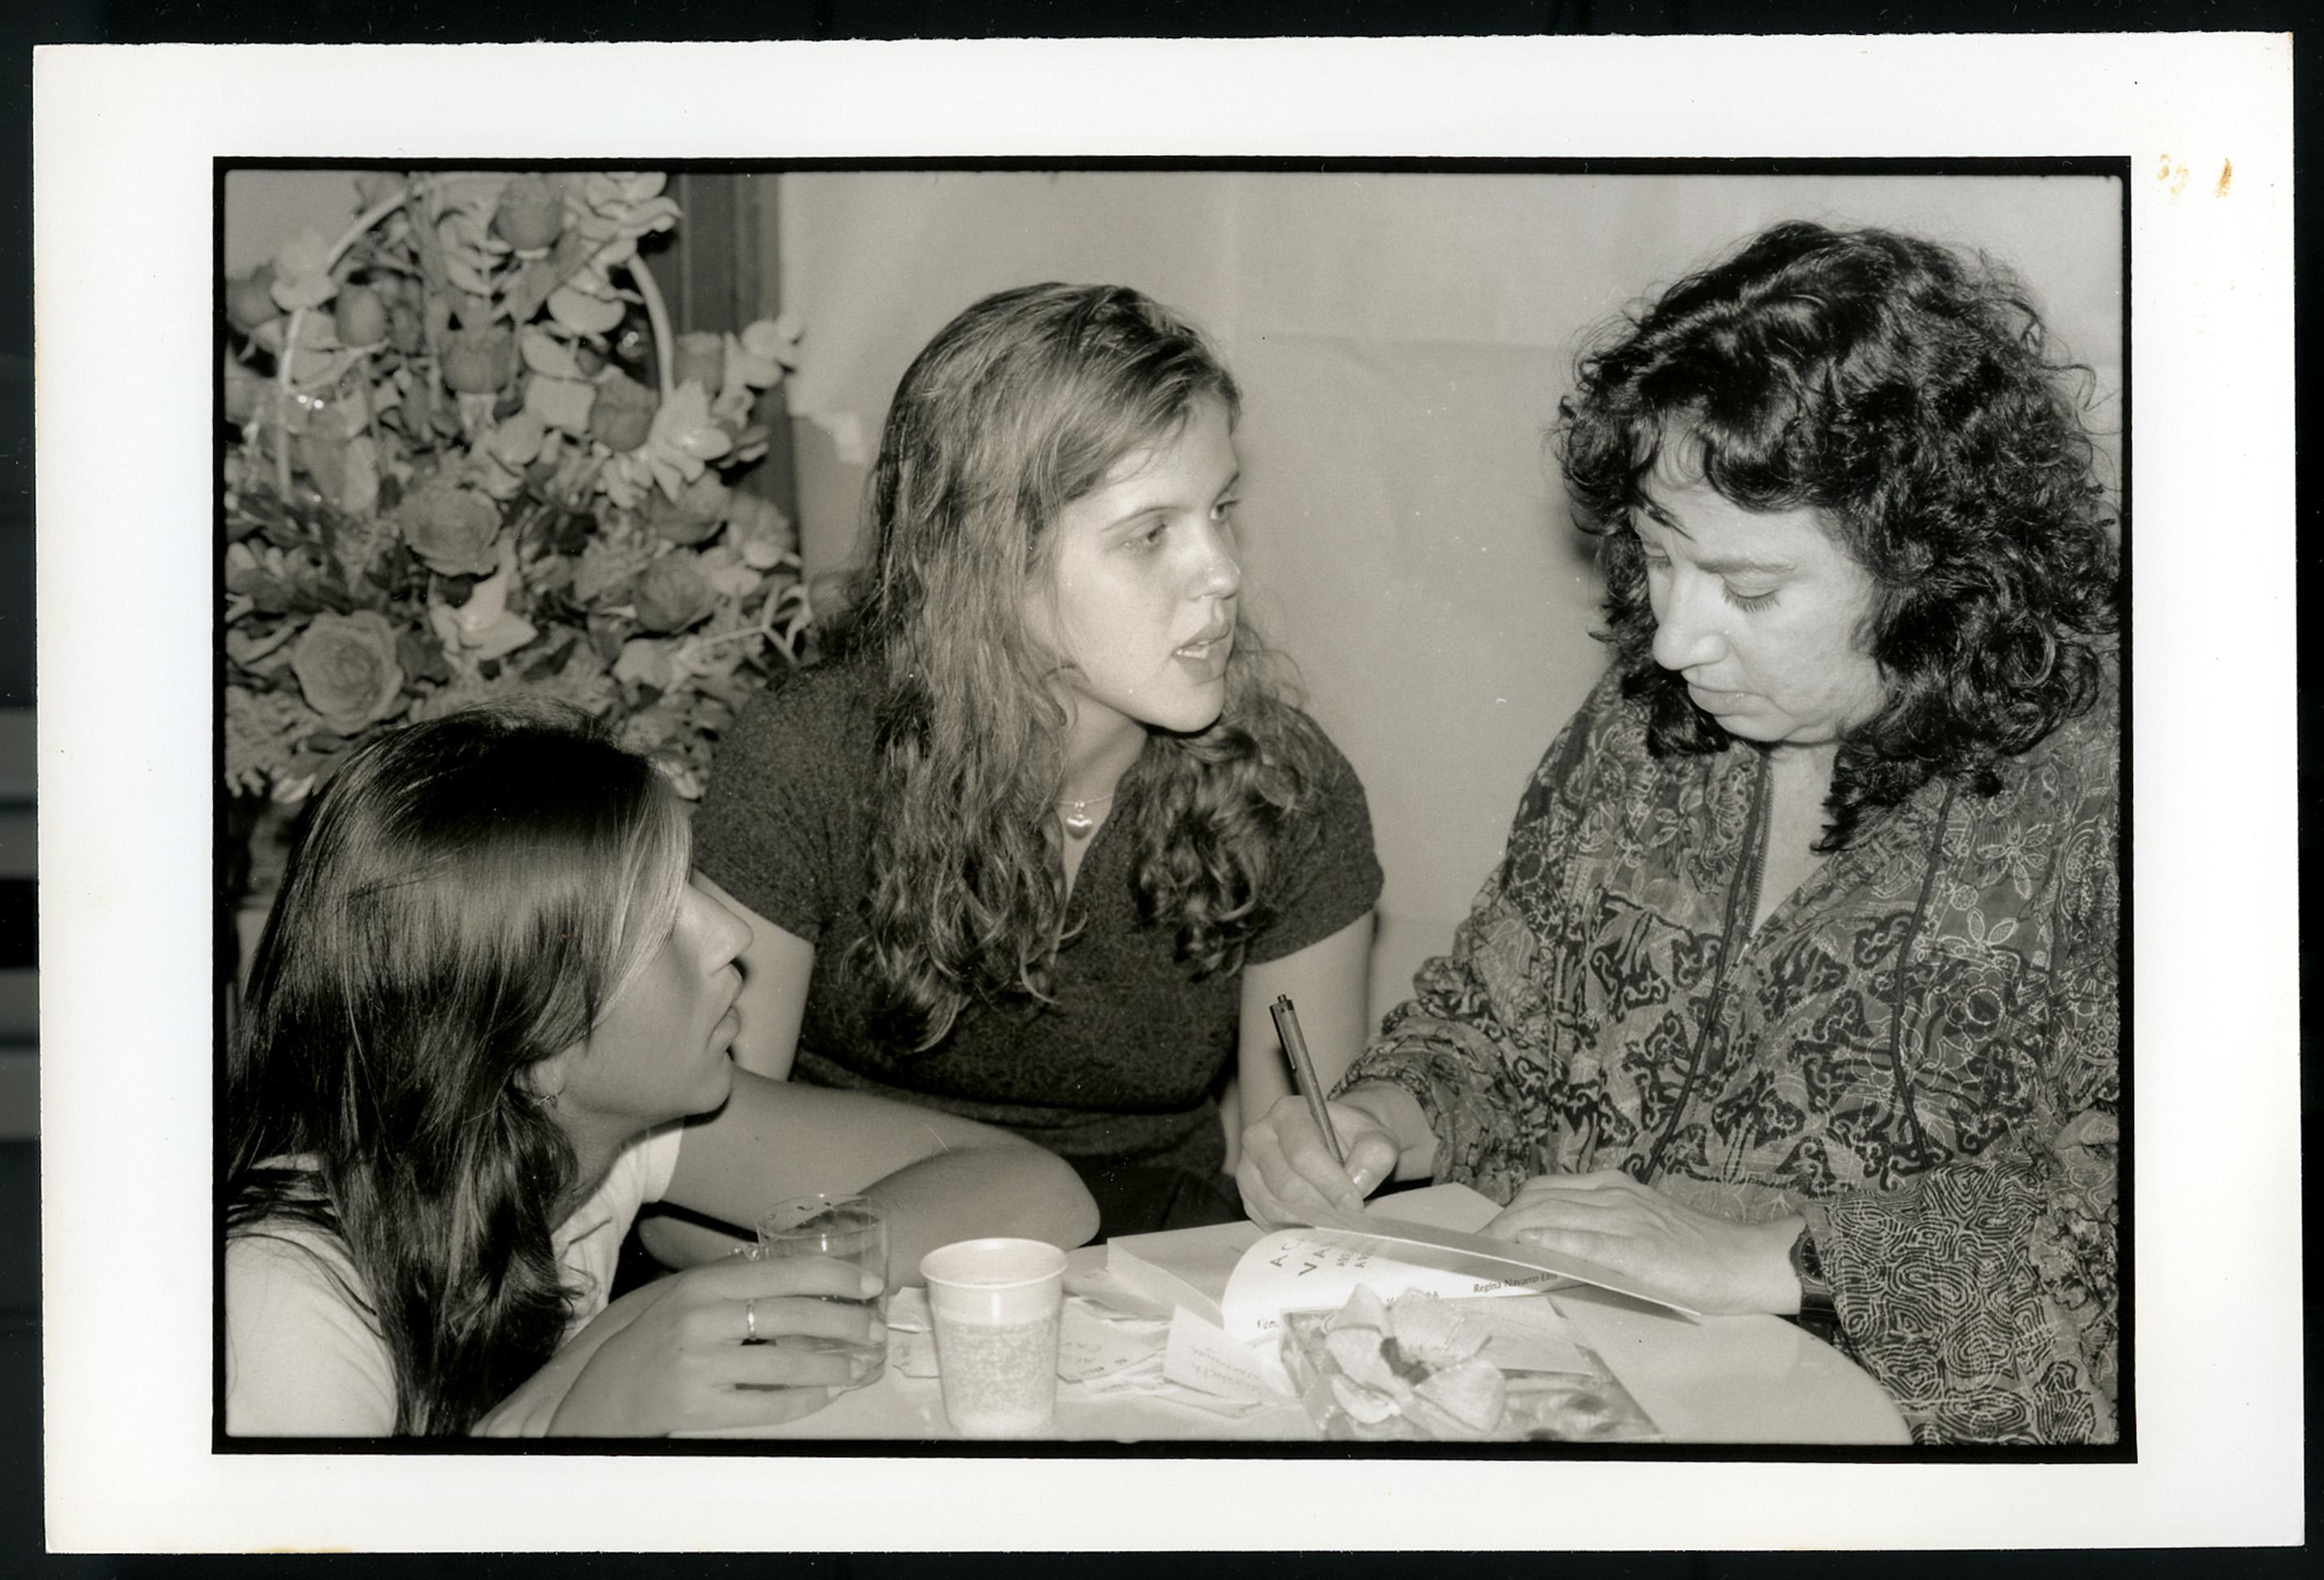 Autografando o exemplar de uma ex-aluna da PUC no lançamento de A cama na varanda, em 1997